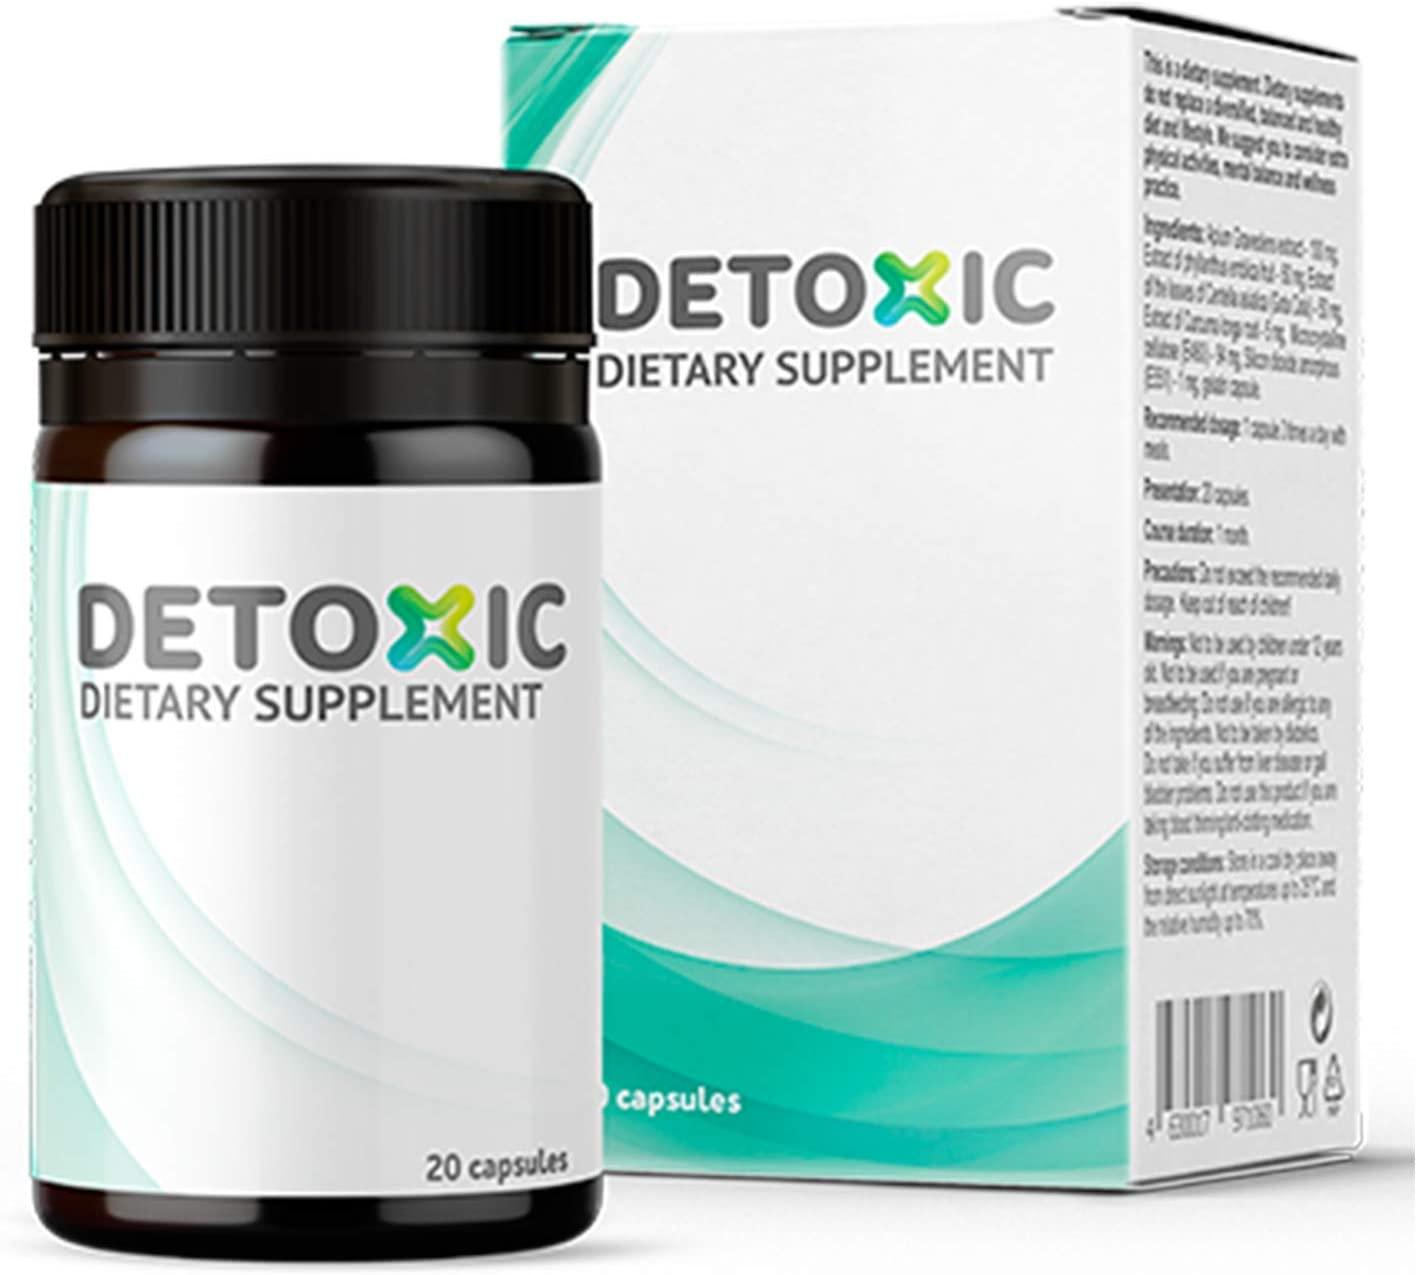 Detoxic en farmacia en España